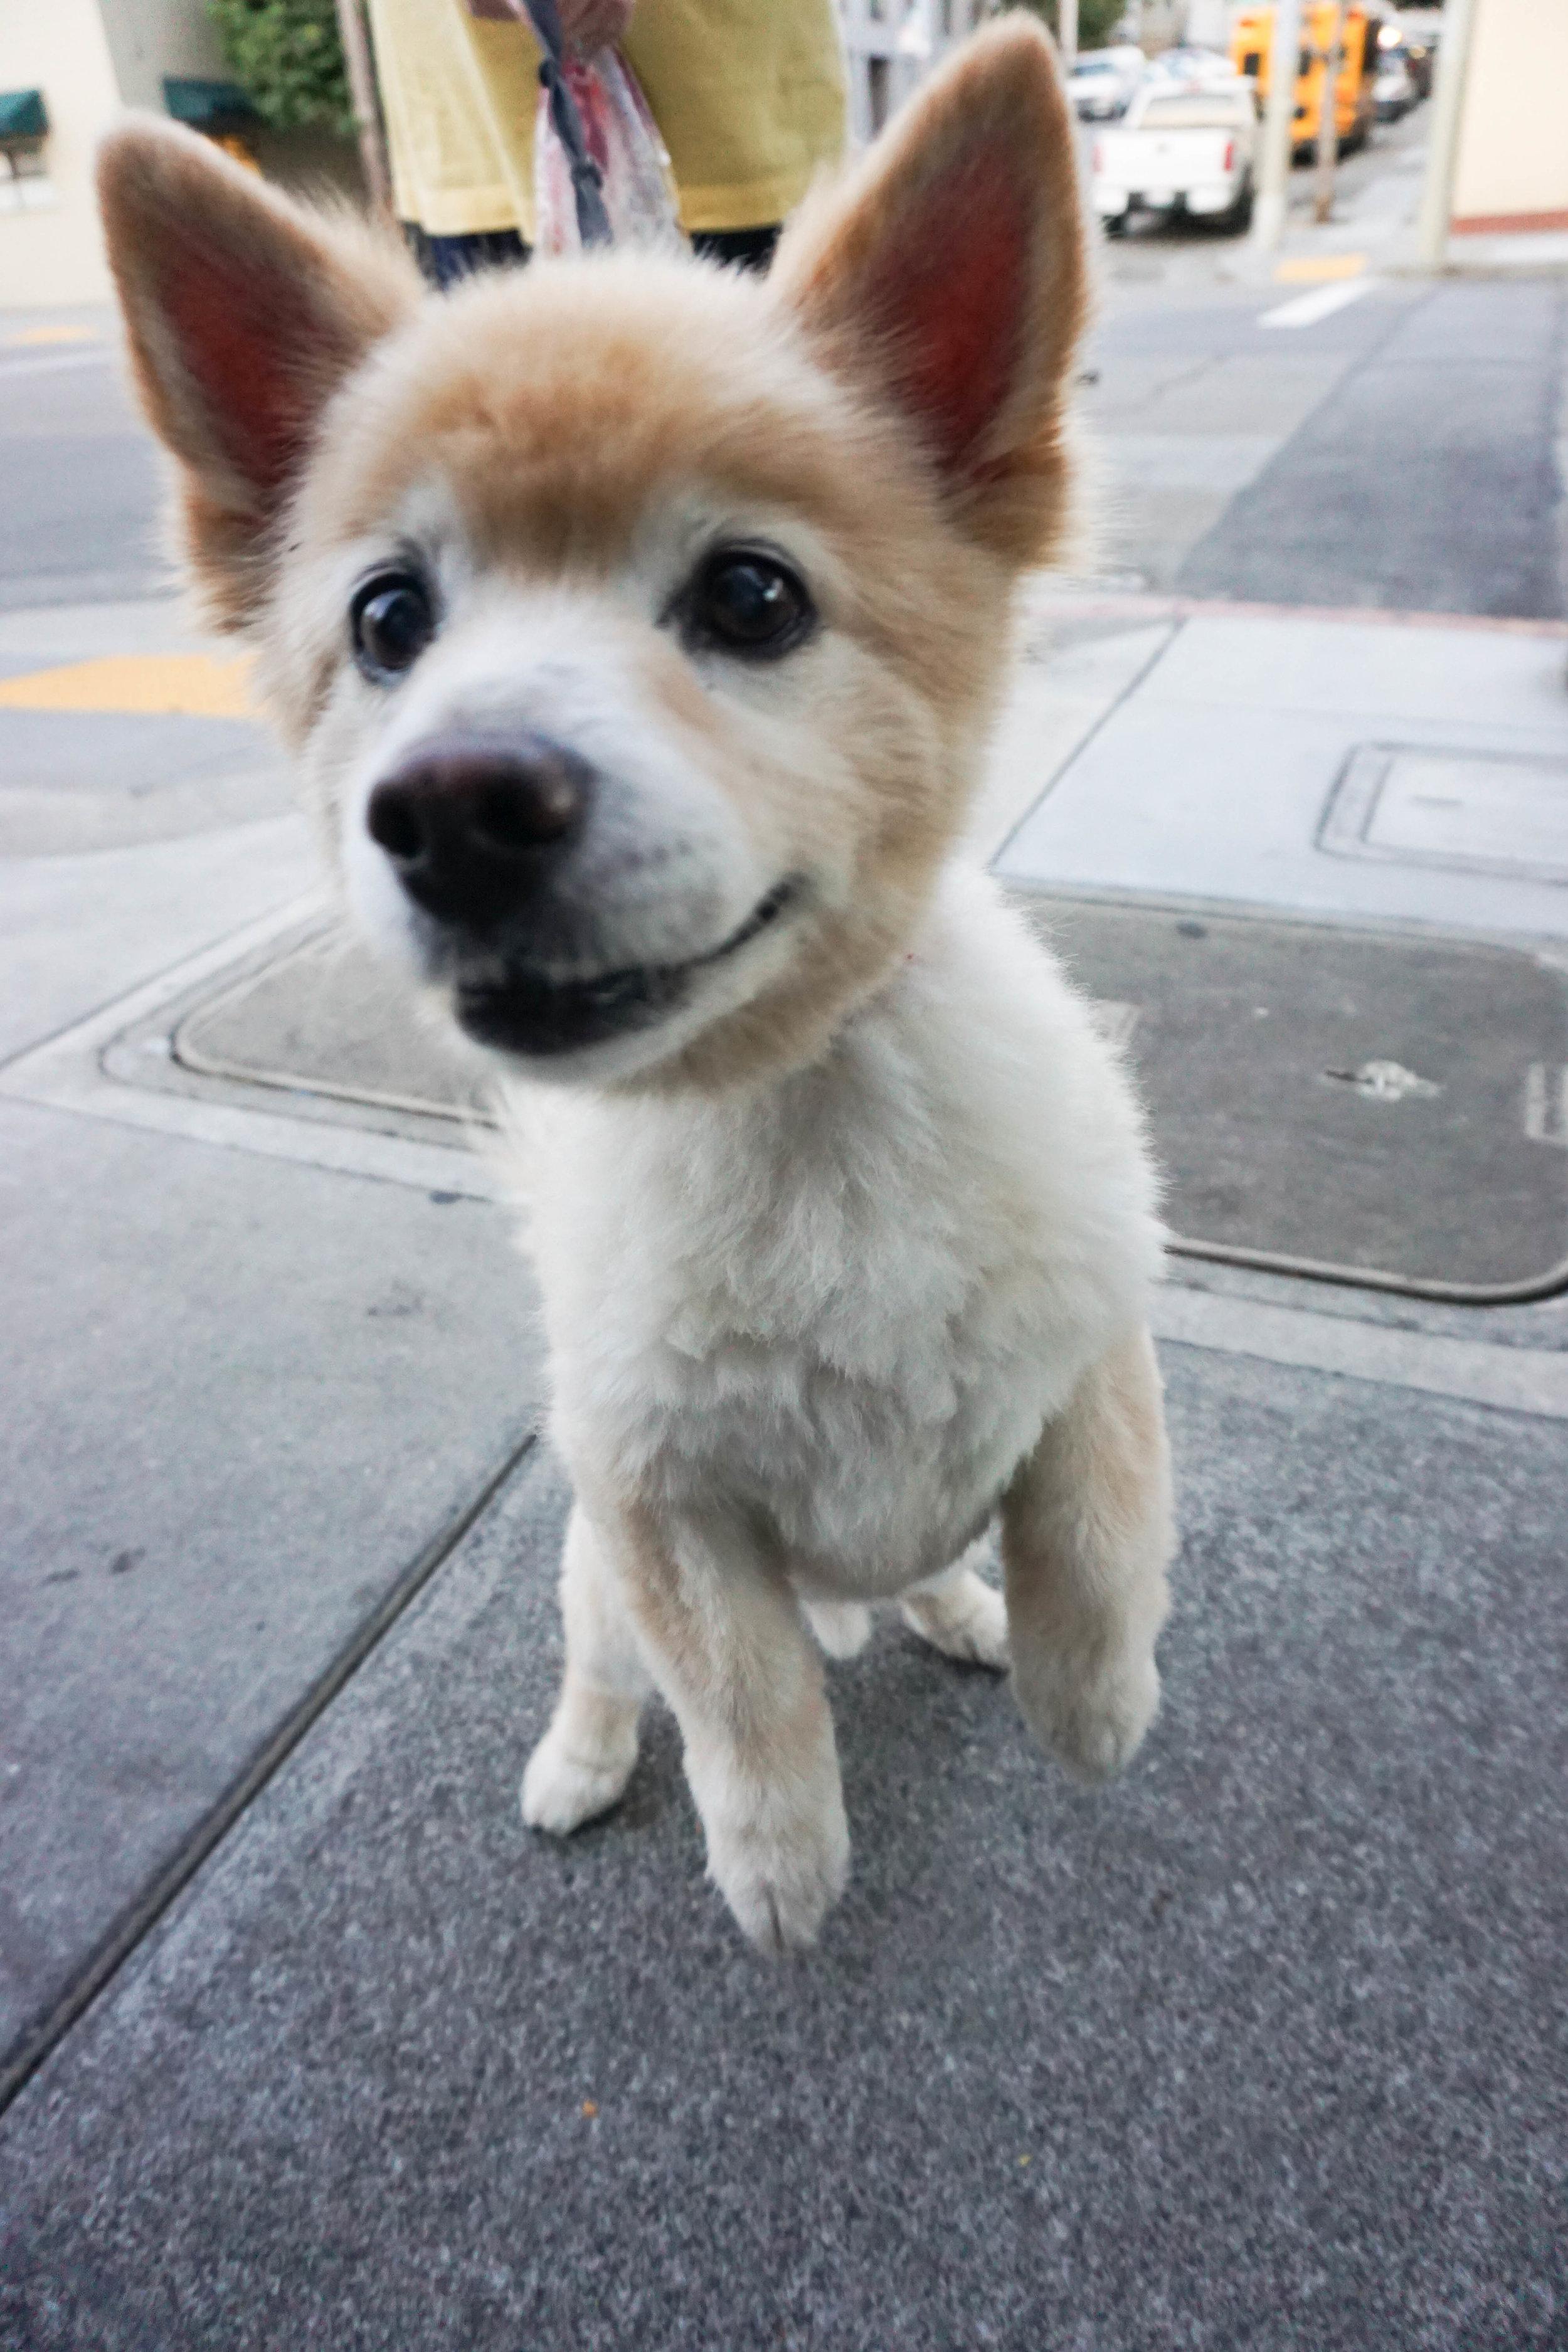 So freakin adorable!